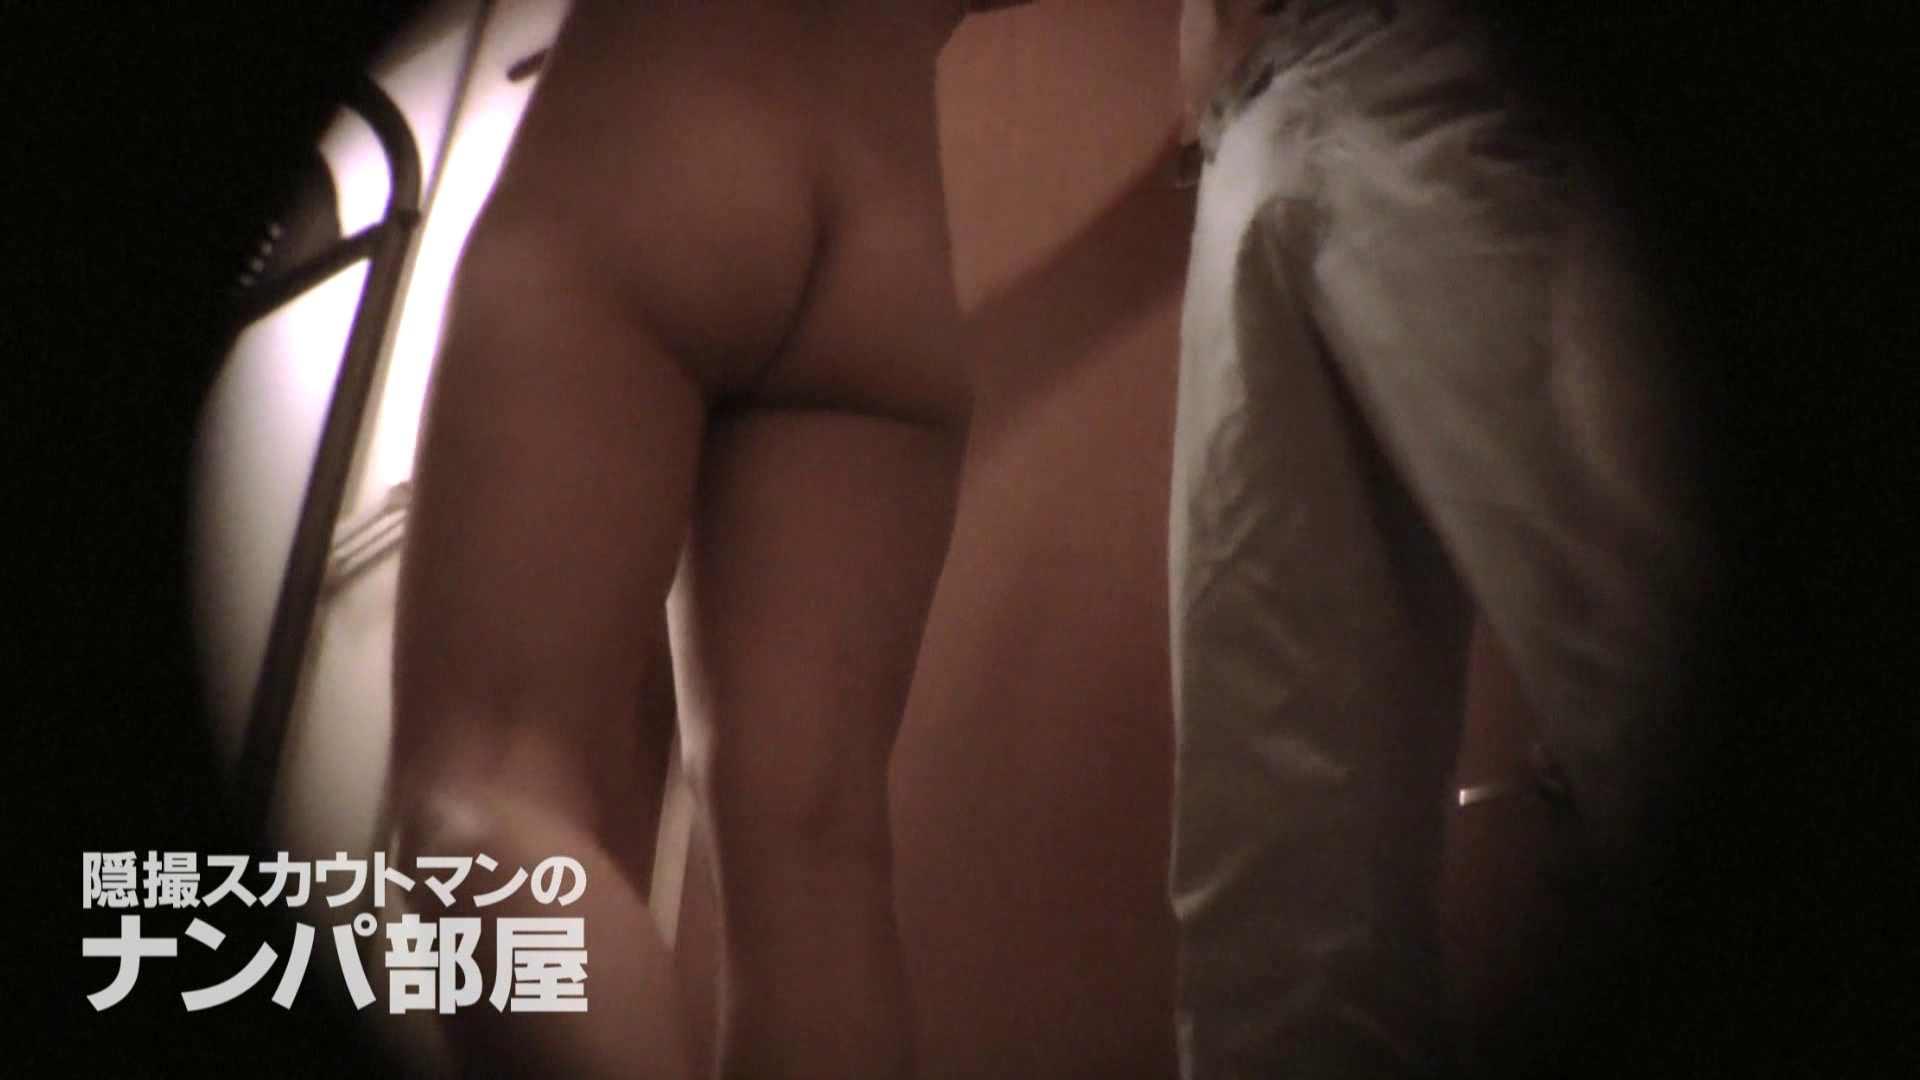 隠撮スカウトマンのナンパ部屋~風俗デビュー前のつまみ食い~ sii 隠撮 SEX無修正画像 100連発 41